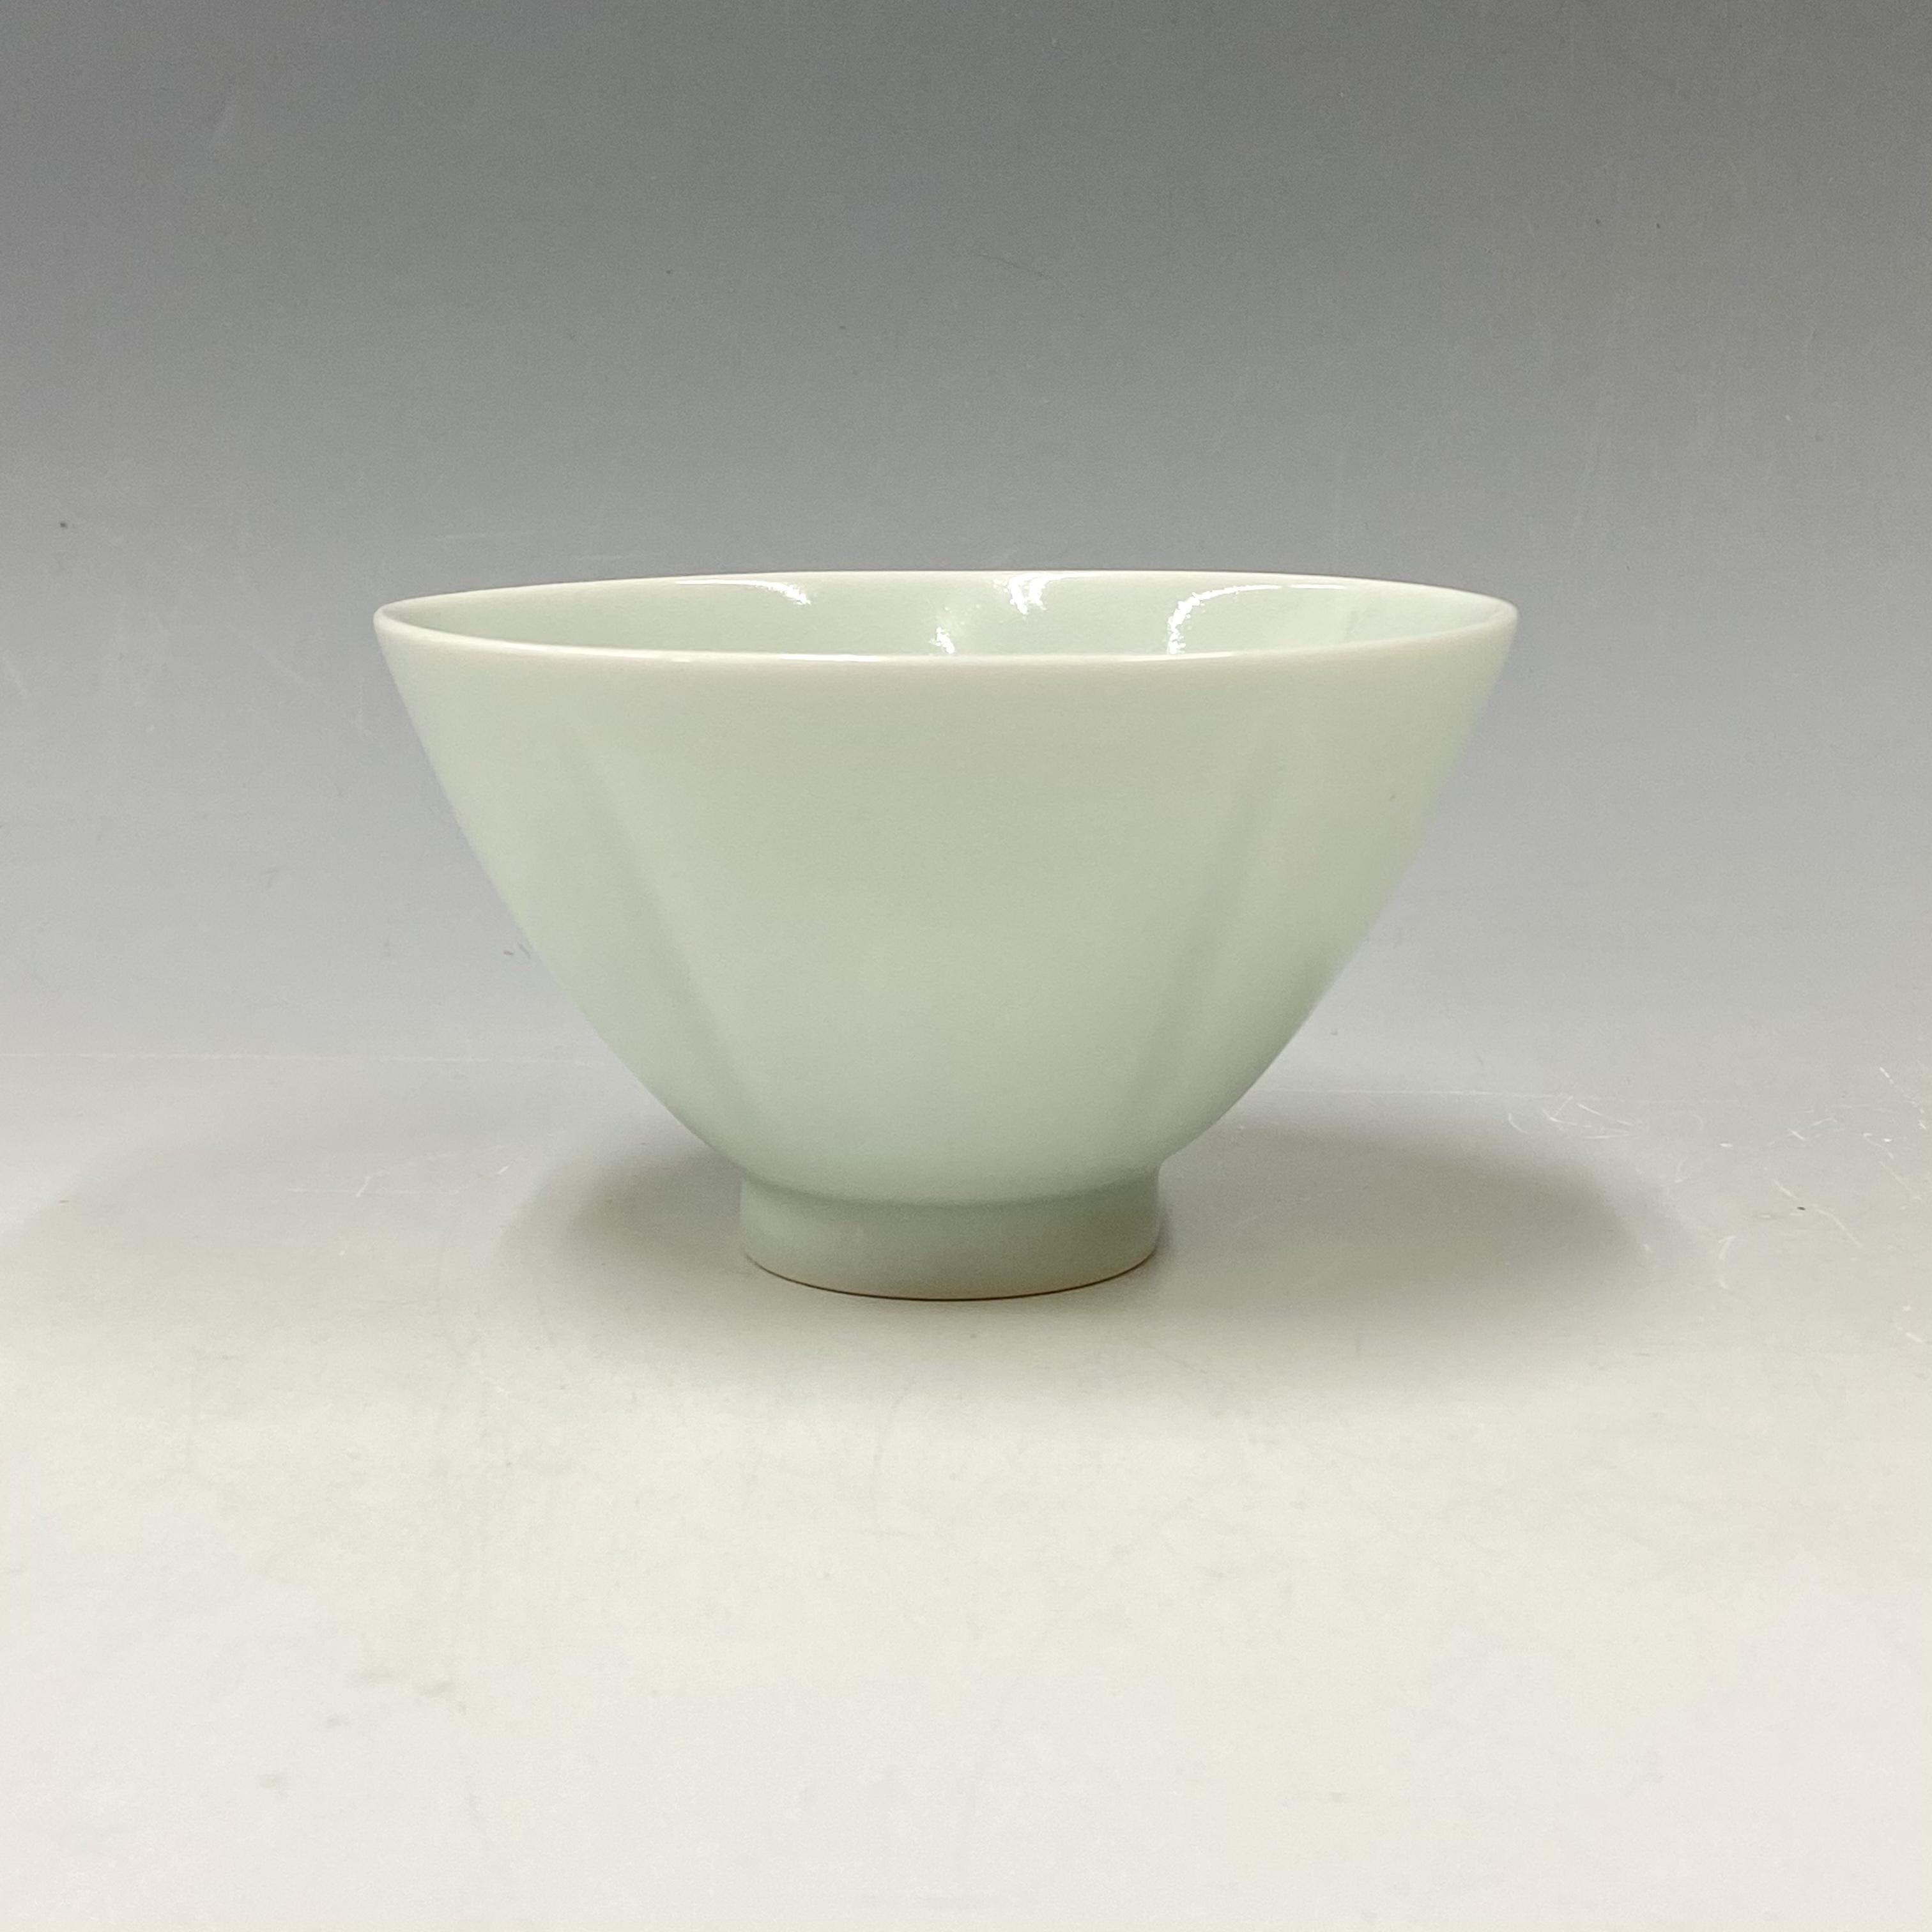 【中尾純】青白磁五方押茶碗